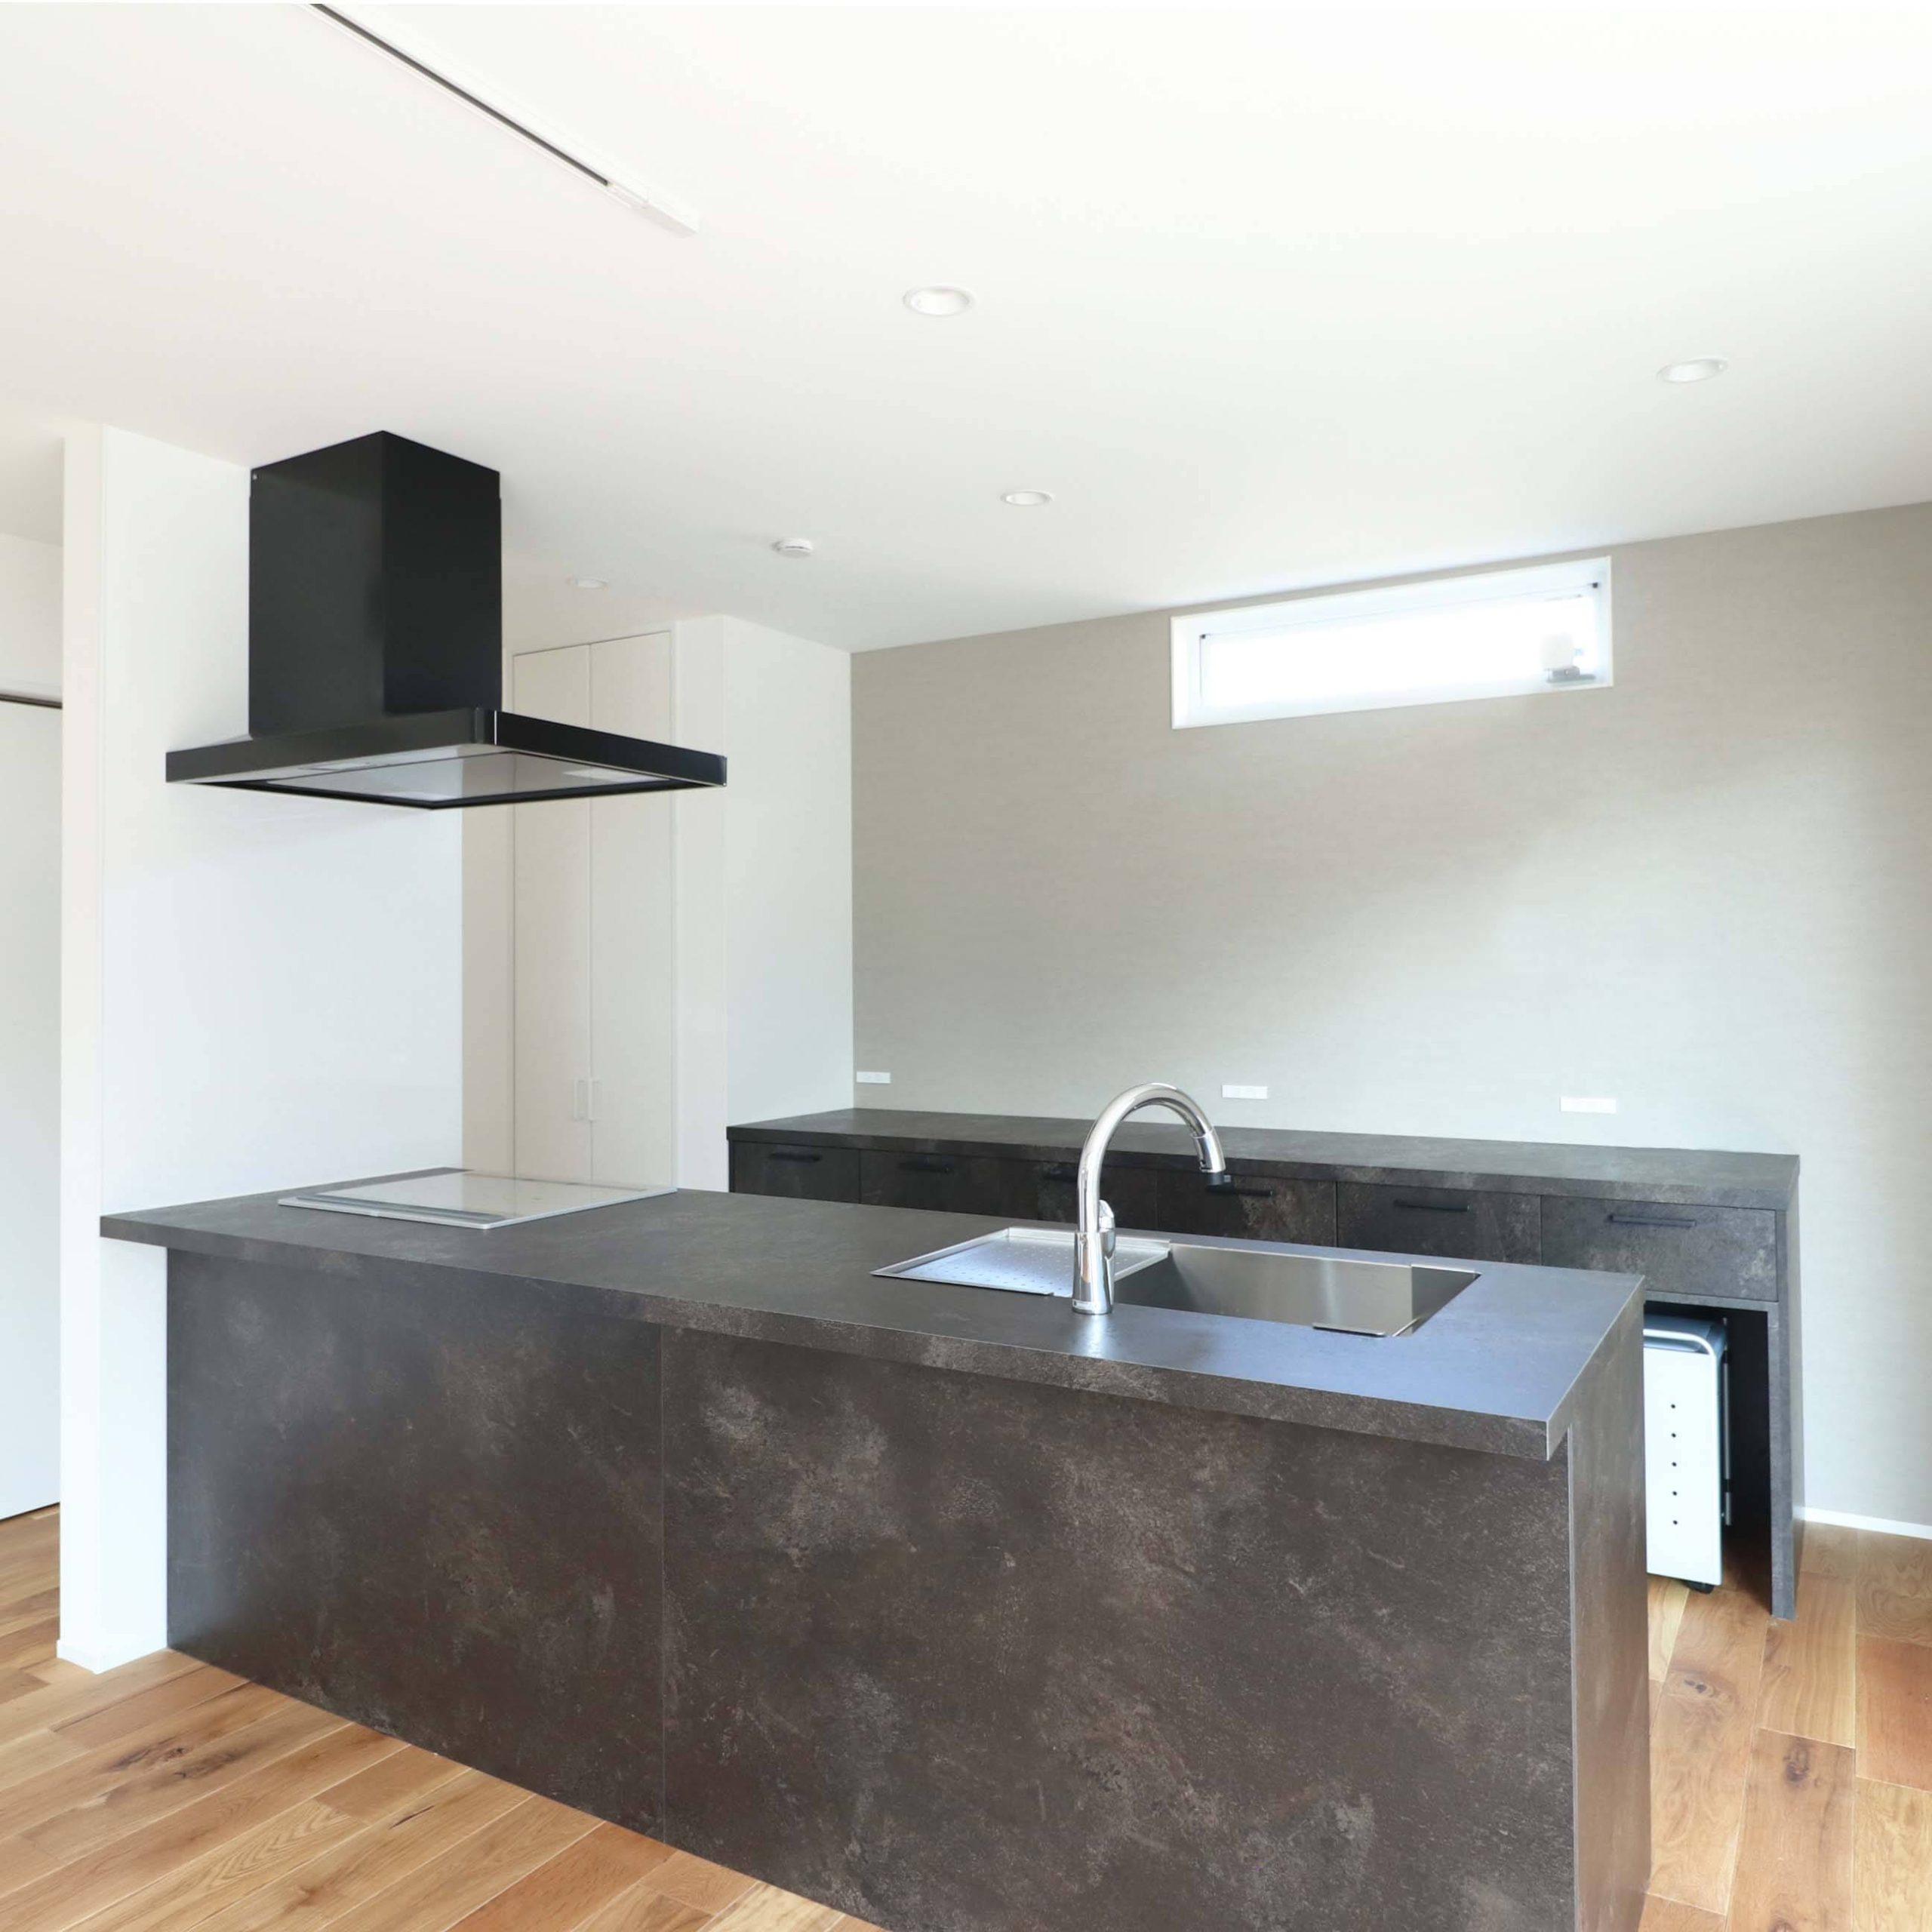 シンプルモダンな注文住宅の完成見学会のキッチン